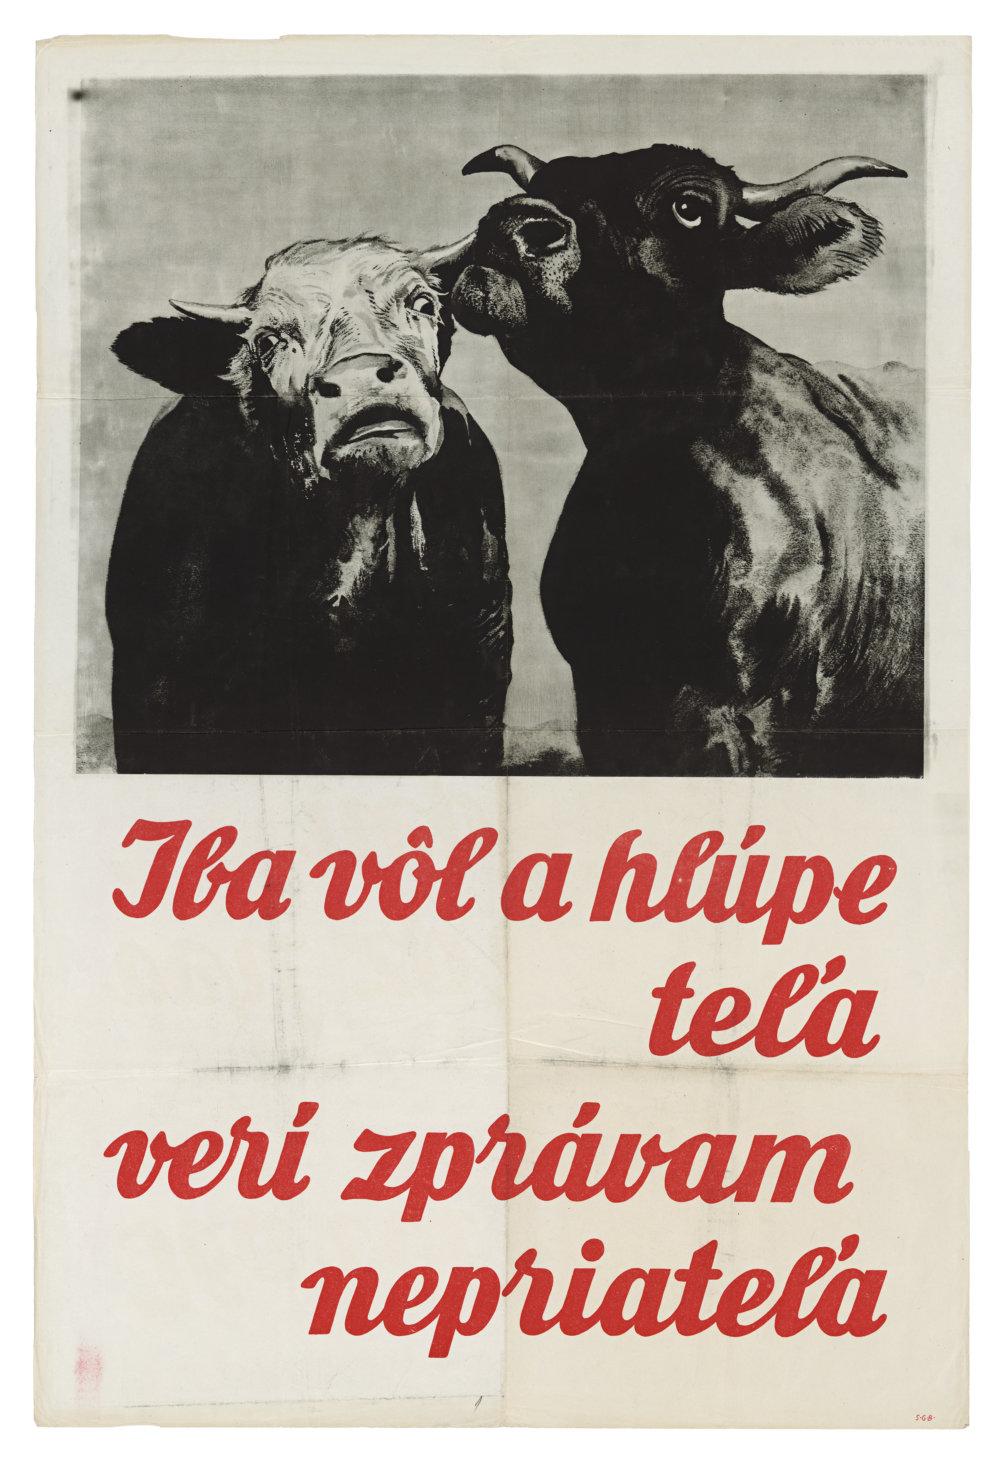 Iba vôl a hlúpe teľa verí zprávam nepriateľa (autor neznámy). 1944. Plagát. Slovenský národný archív, Bratislava